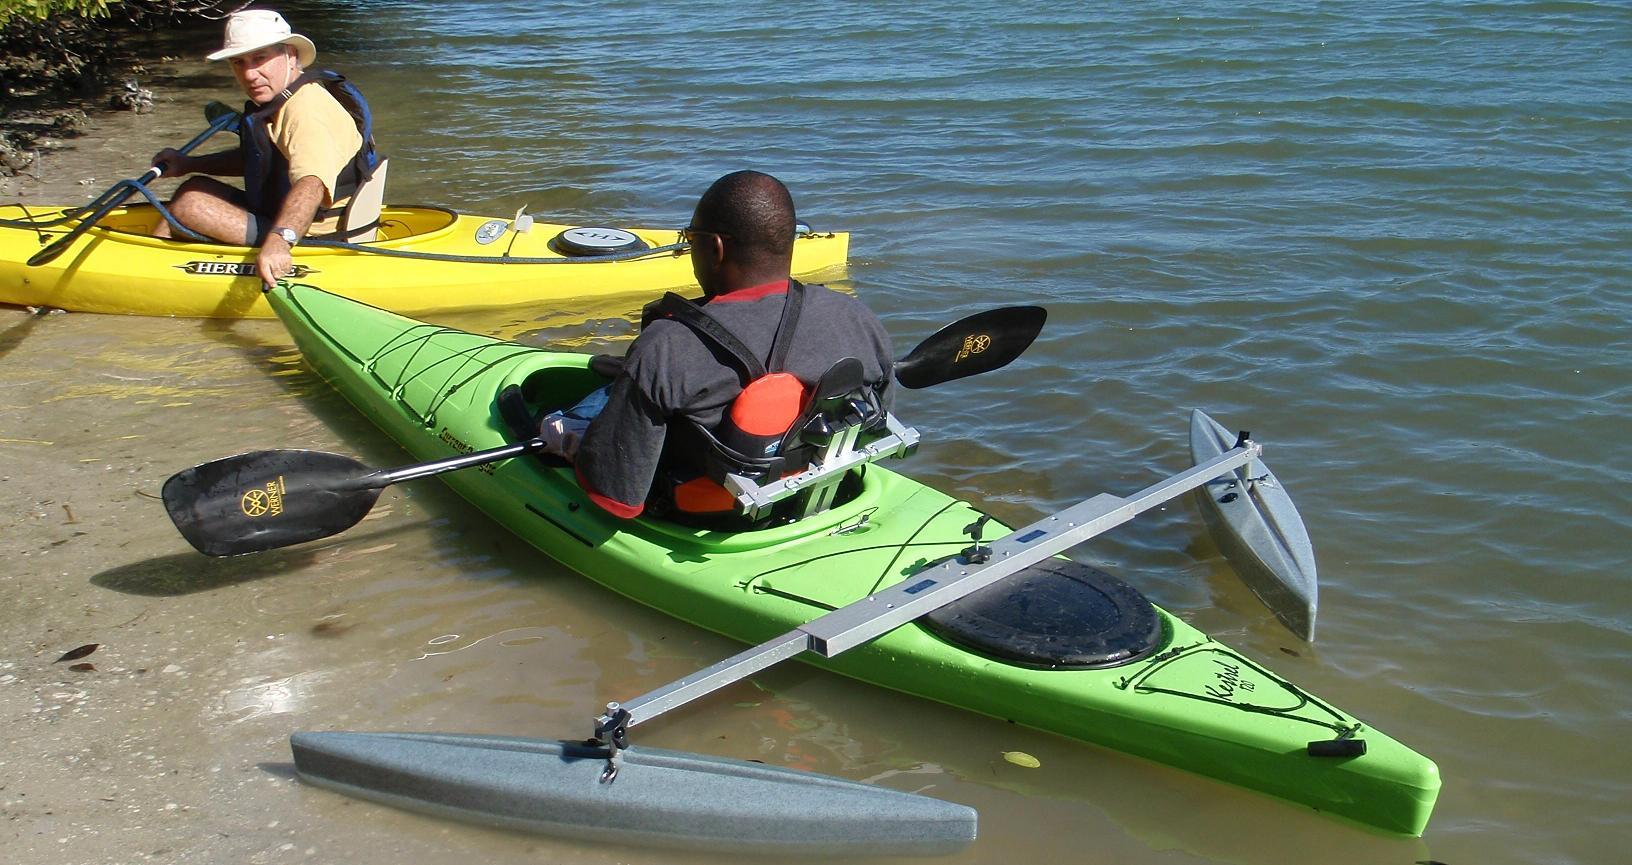 kestrel-120-kayak-by-current-designs